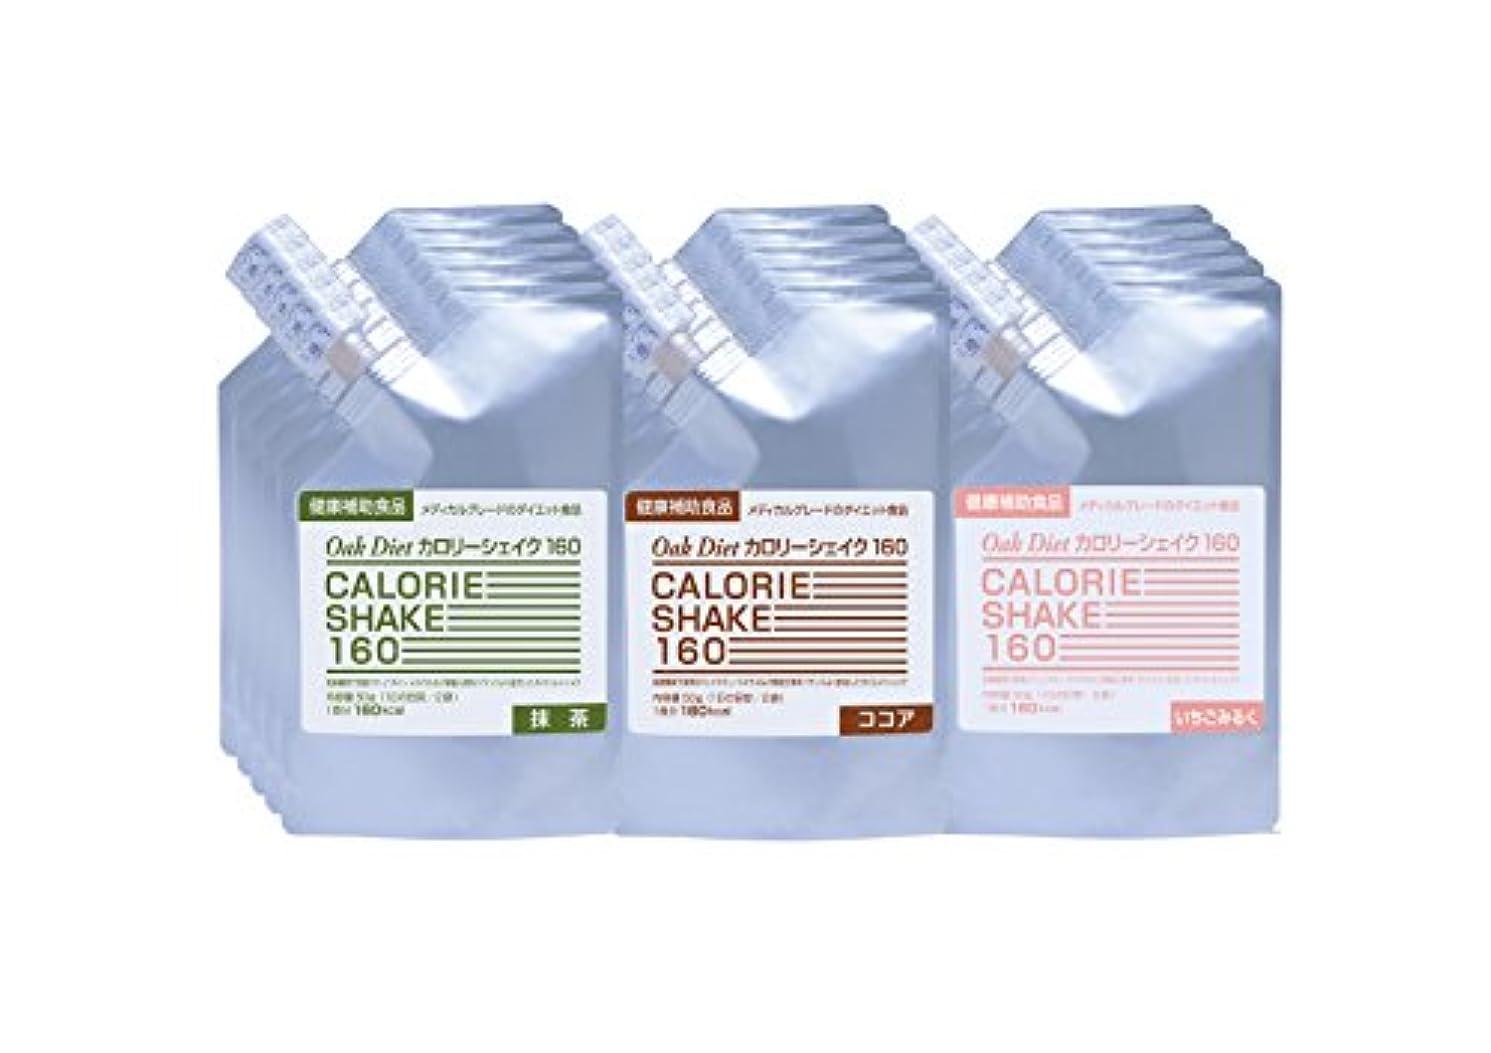 移行キュービック調停者Oak Diet カロリーシェイク160 3種類セレクトセット15袋(抹茶?ココア?いちごみるく 各5袋)